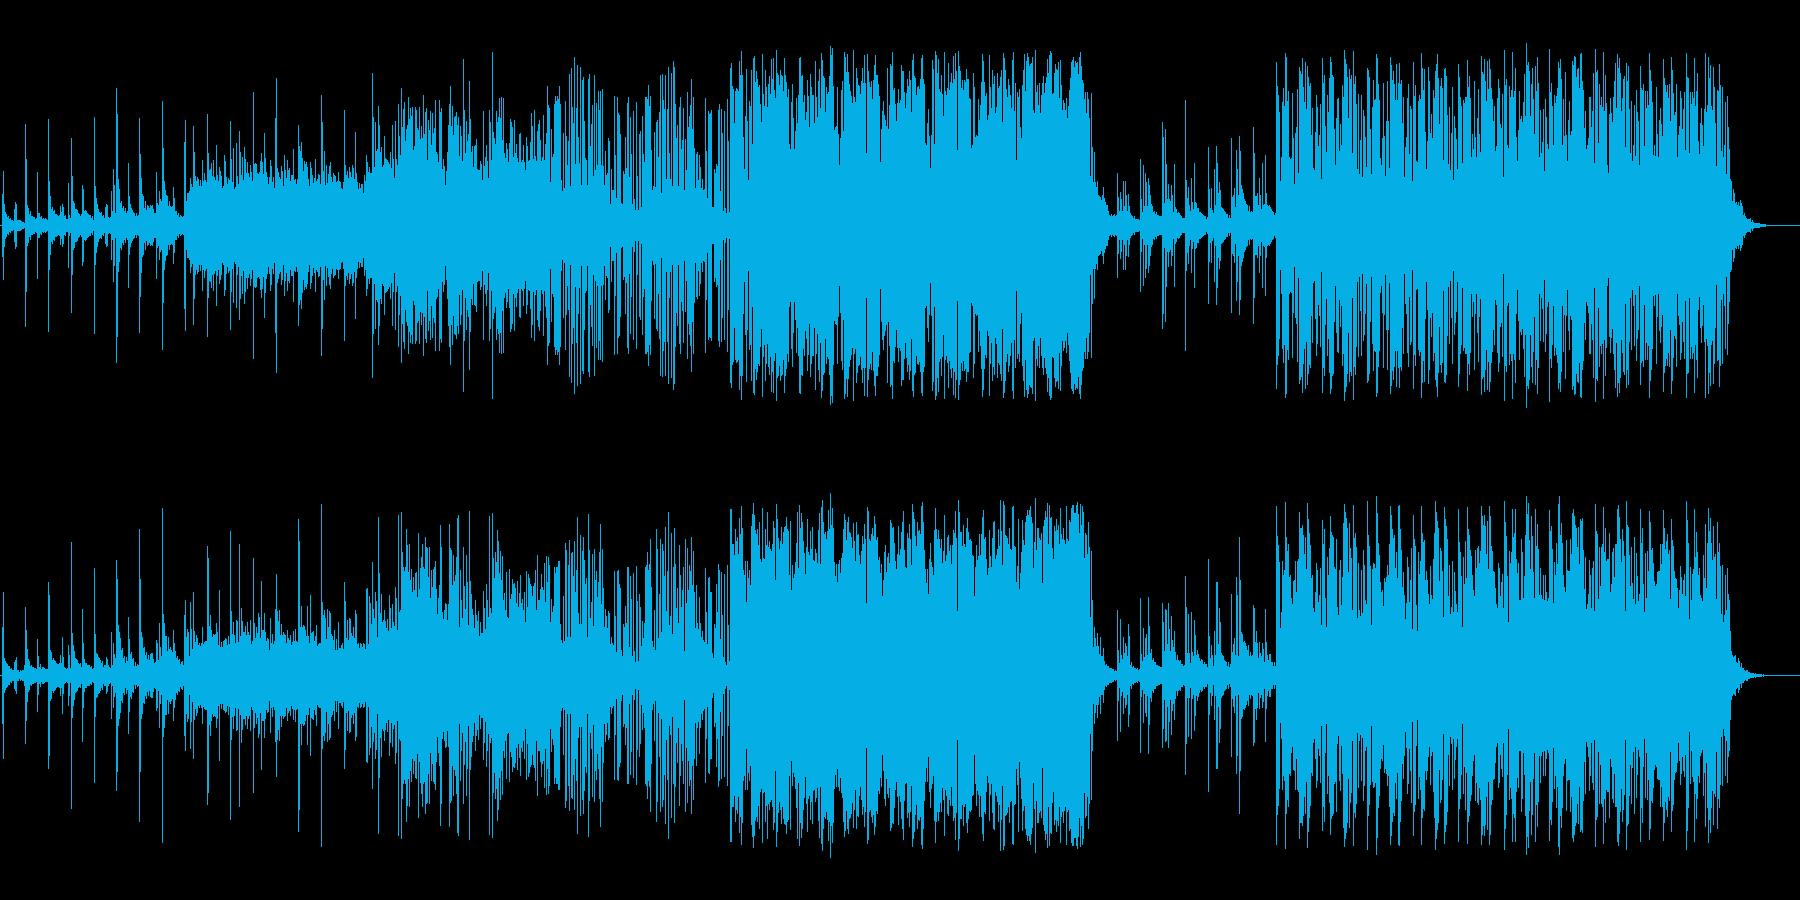 神秘的・海・生物・不思議な雰囲気BGMにの再生済みの波形